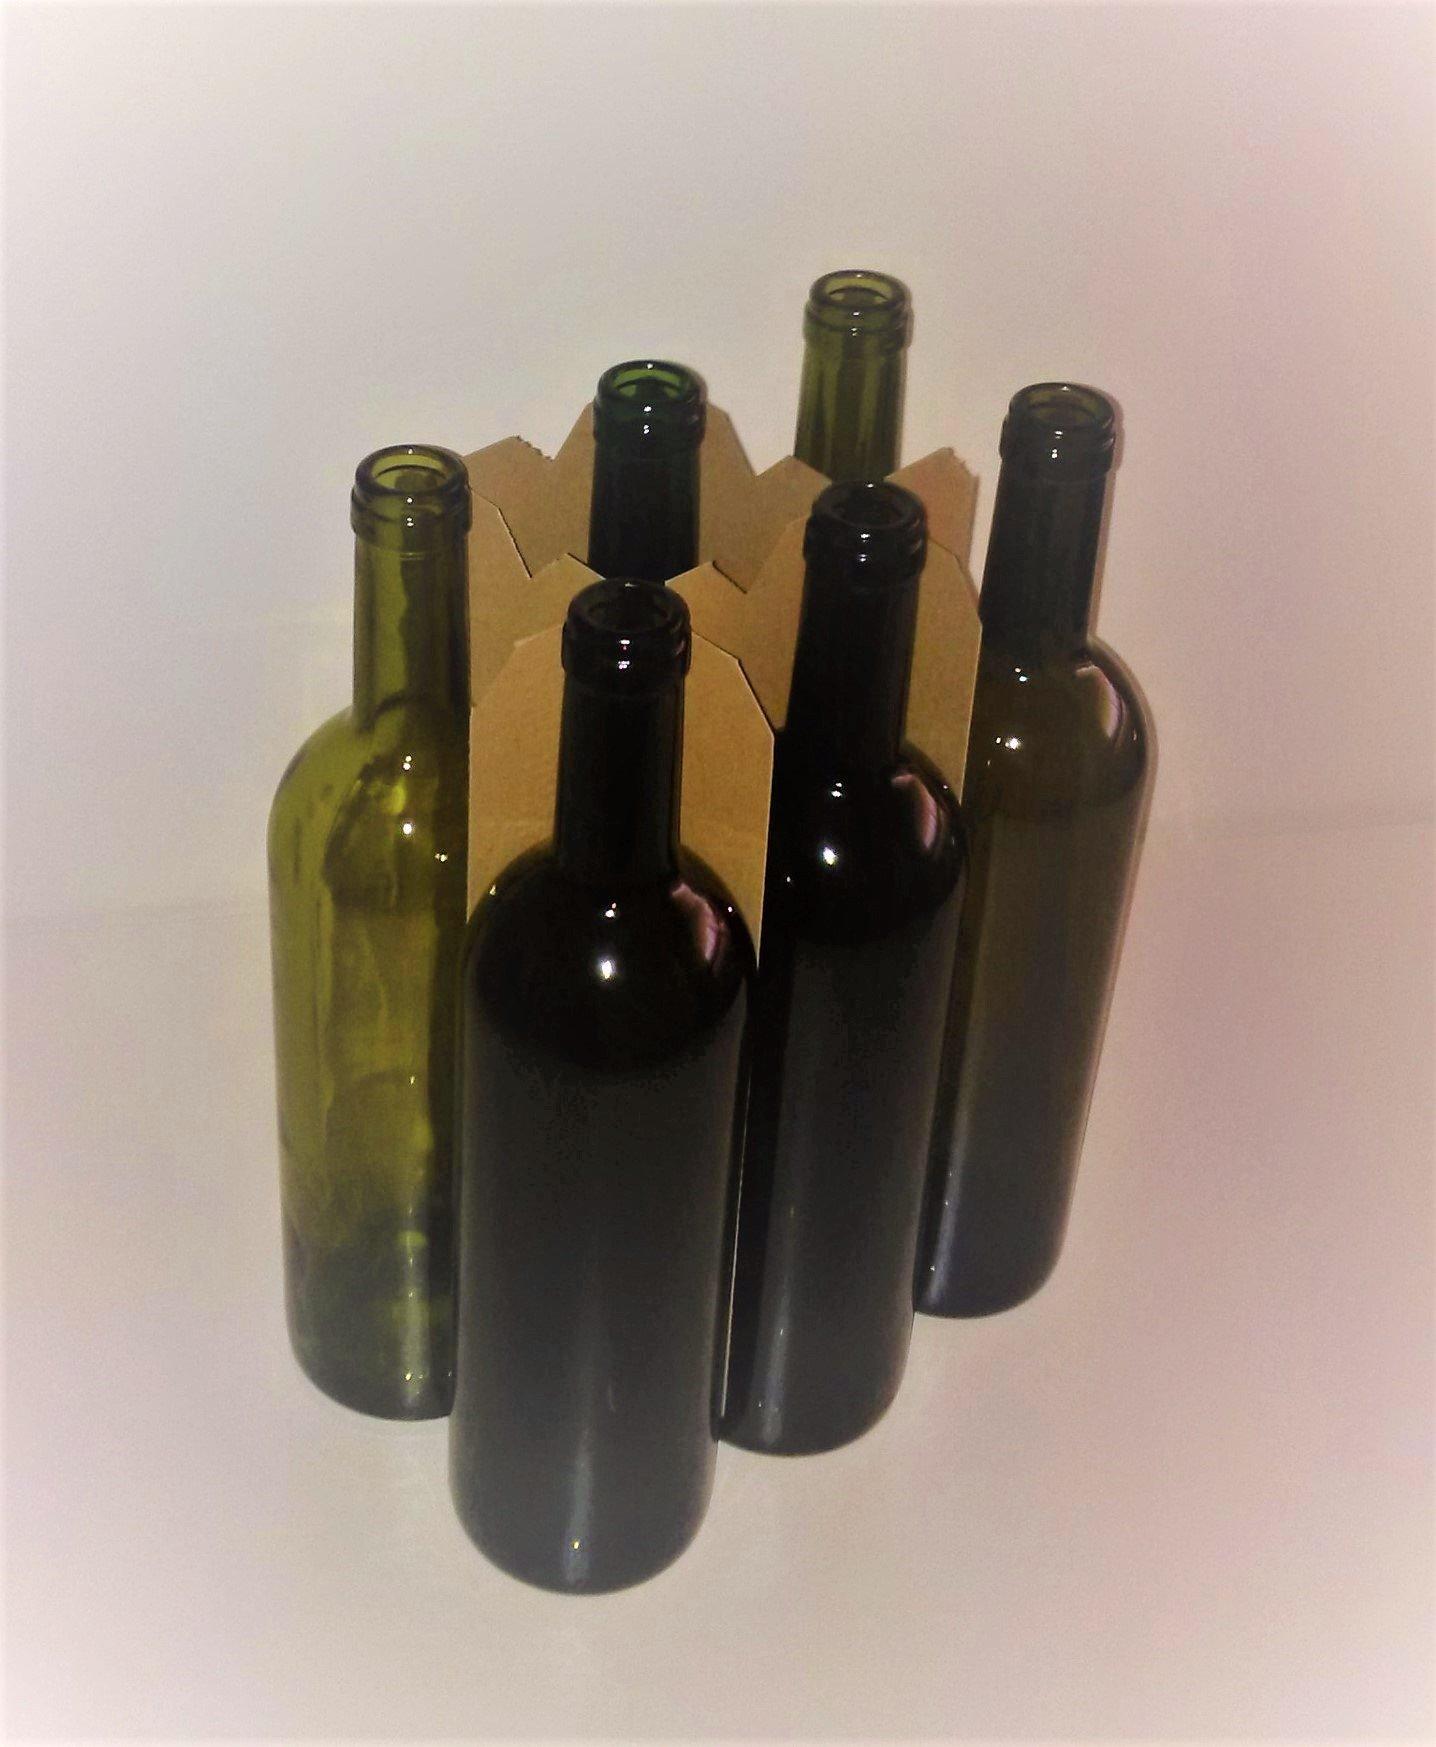 lps croisillon compact vin